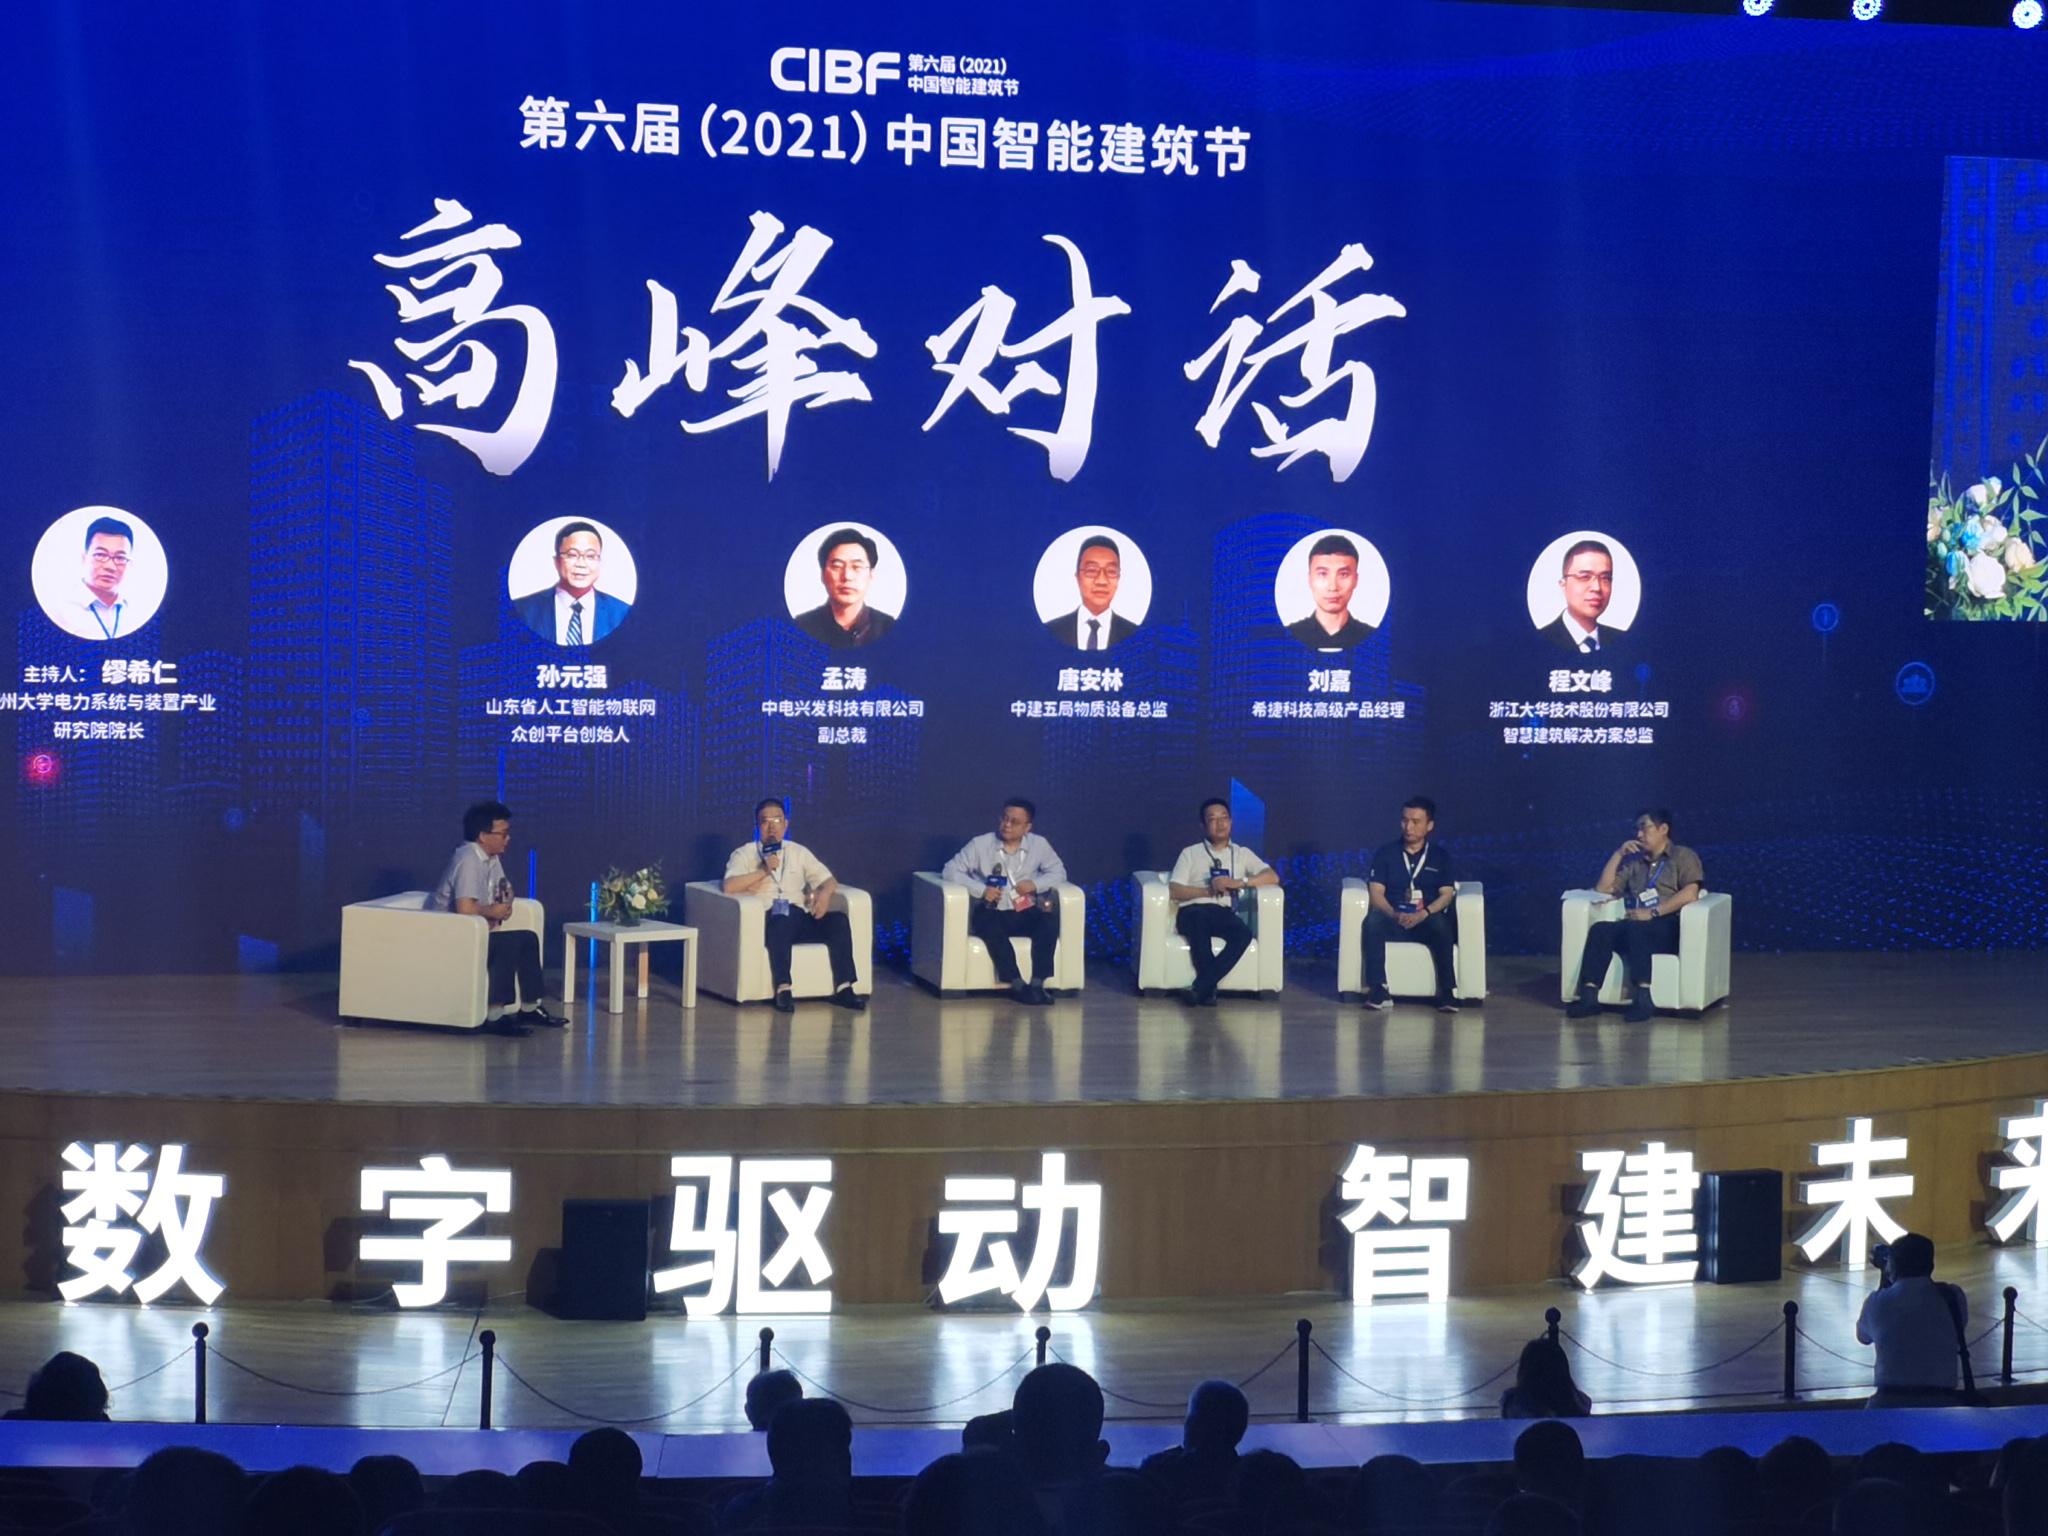 数字大厦如何建?第六届中国智能建筑节给出方案